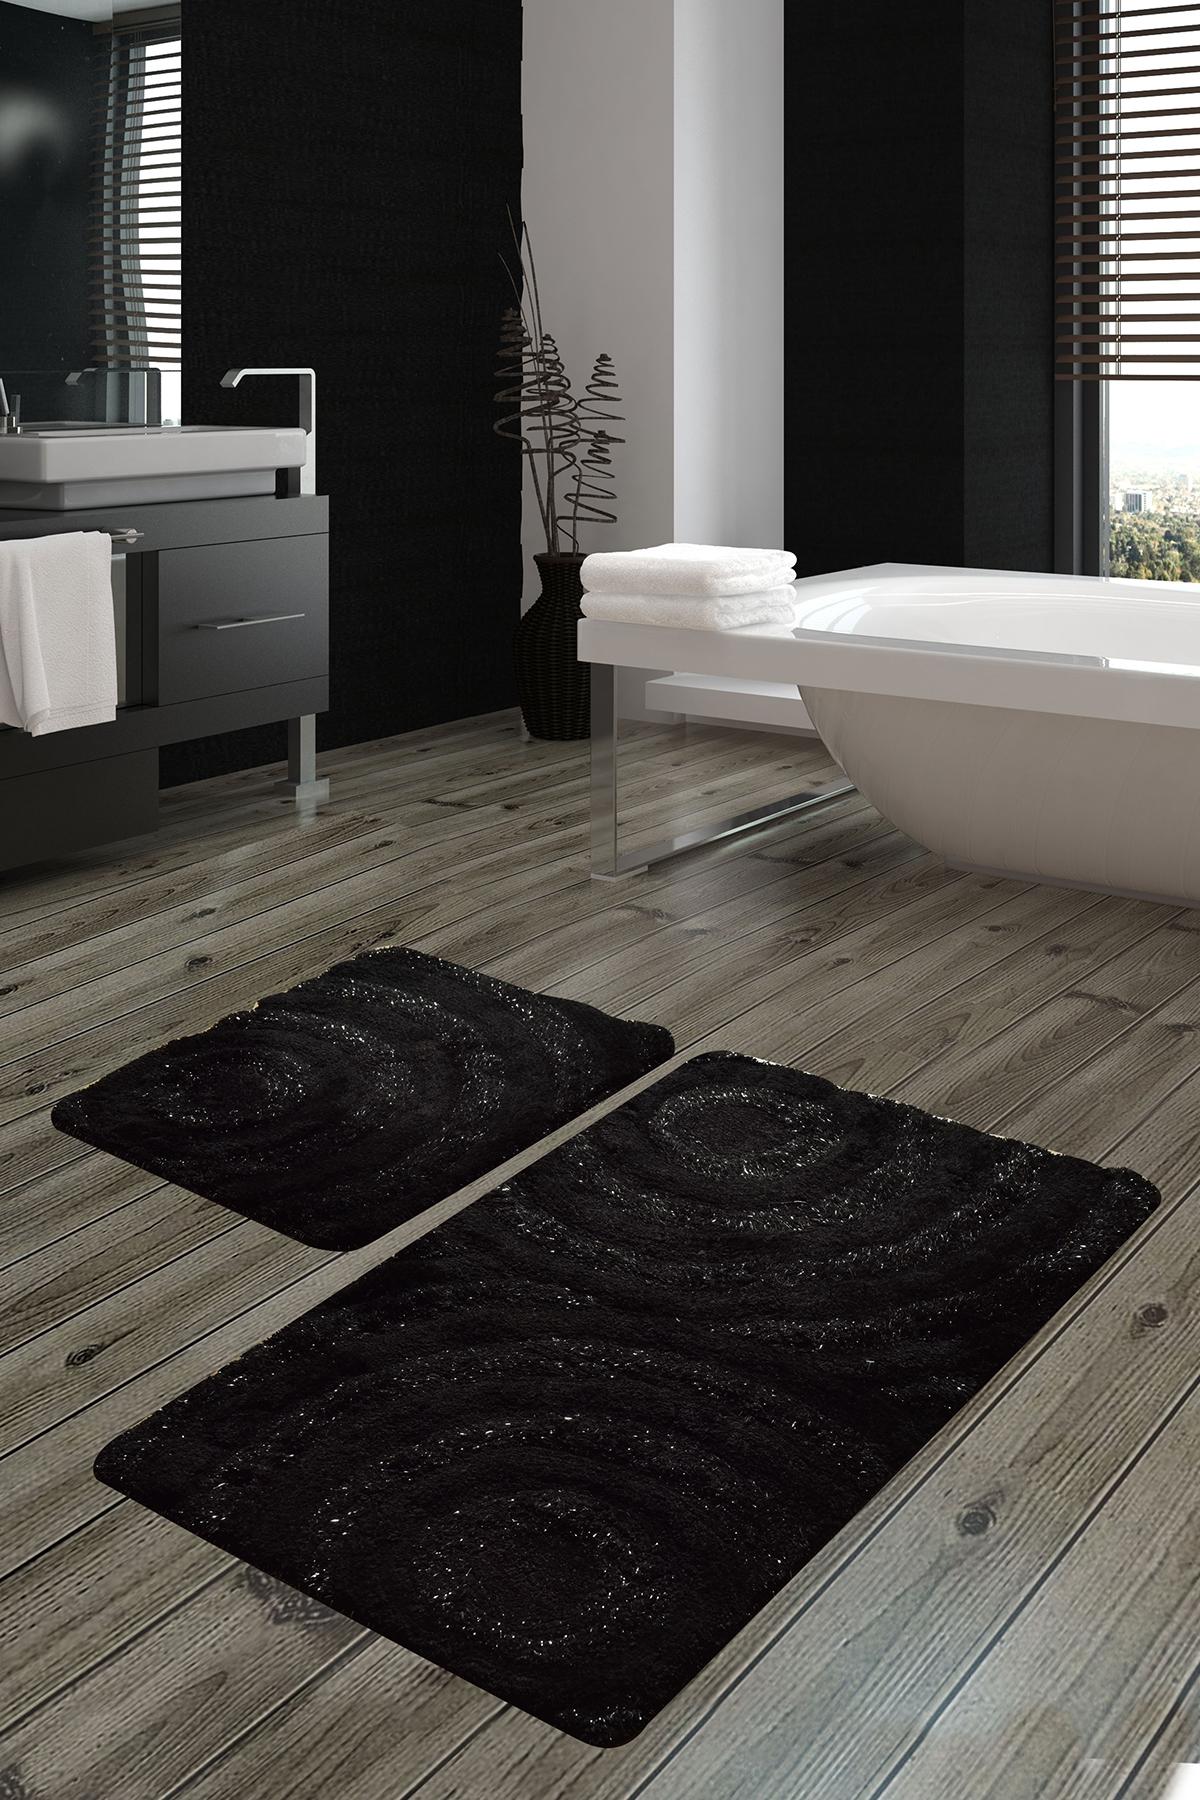 Коврик для ванной DO&CO (60Х100 см/50x60 см) WAVE